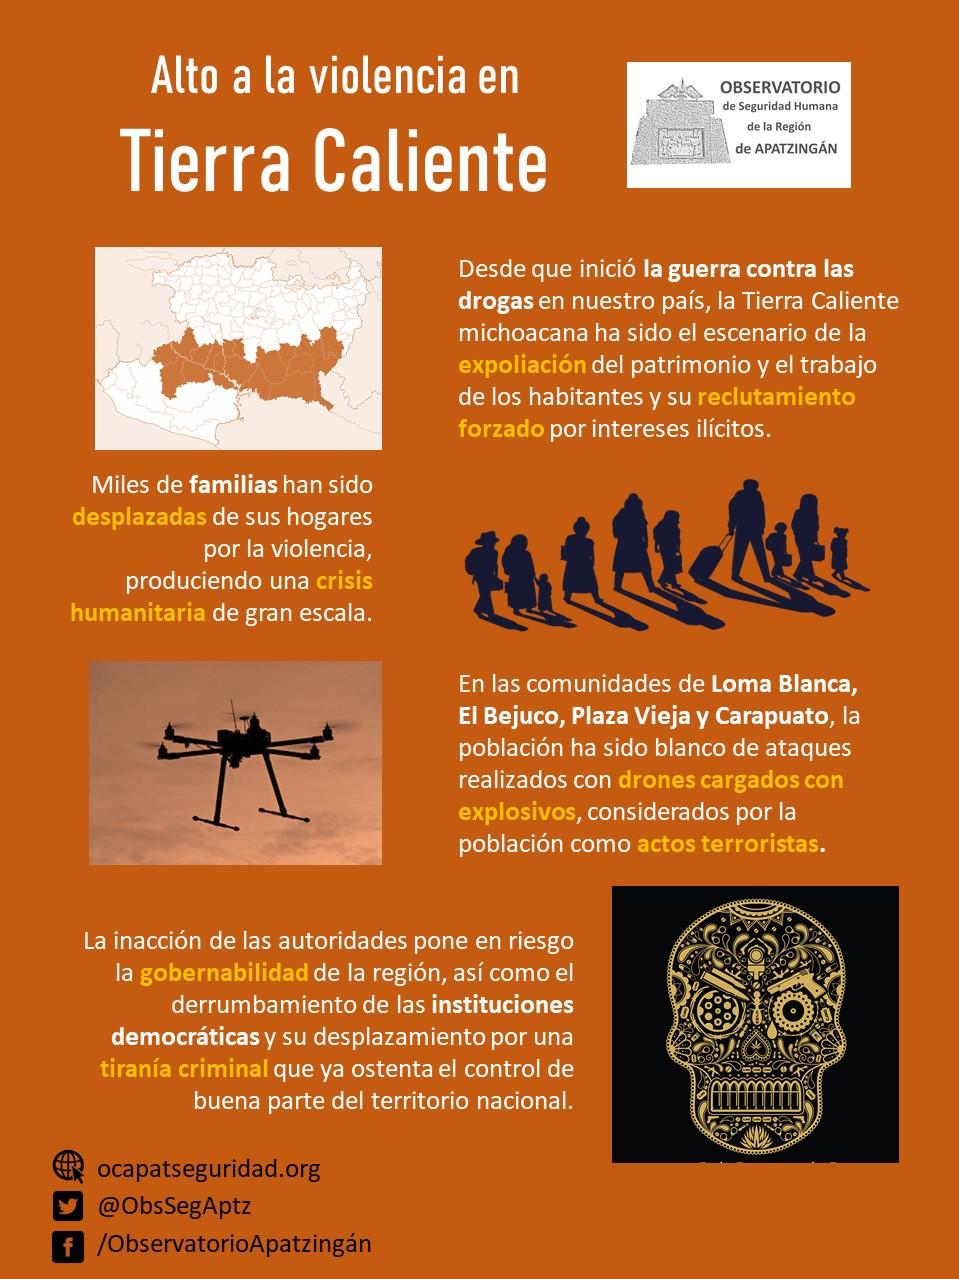 Violencia en Tierra Caliente Observatorio de Apatzingán